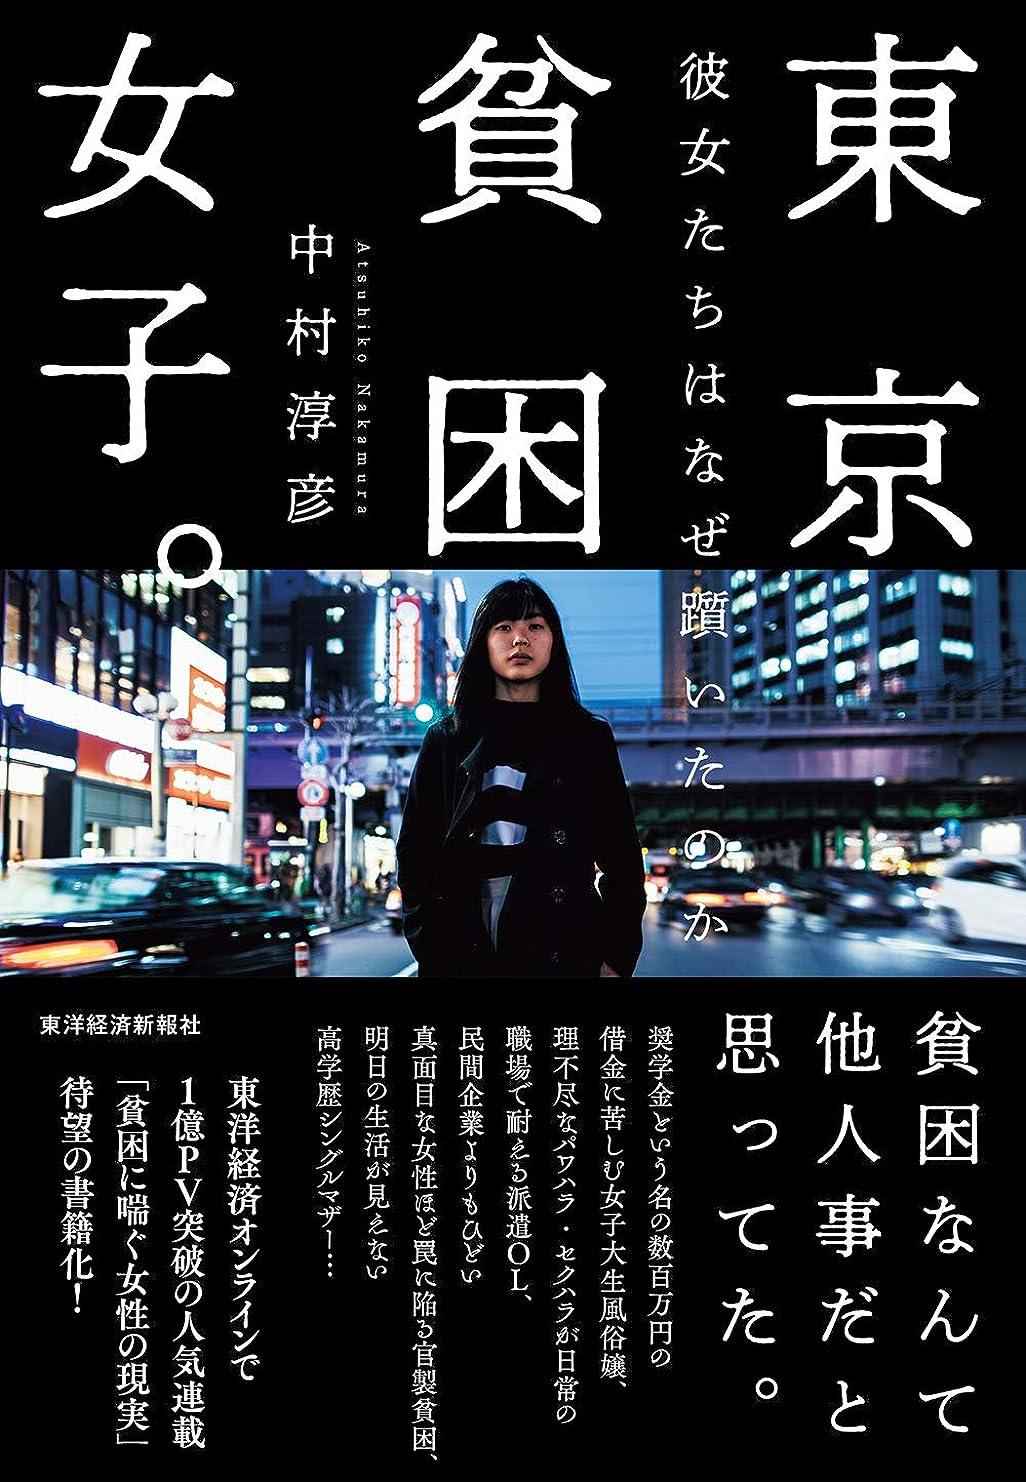 混沌損傷金額東京貧困女子。―彼女たちはなぜ躓いたのか